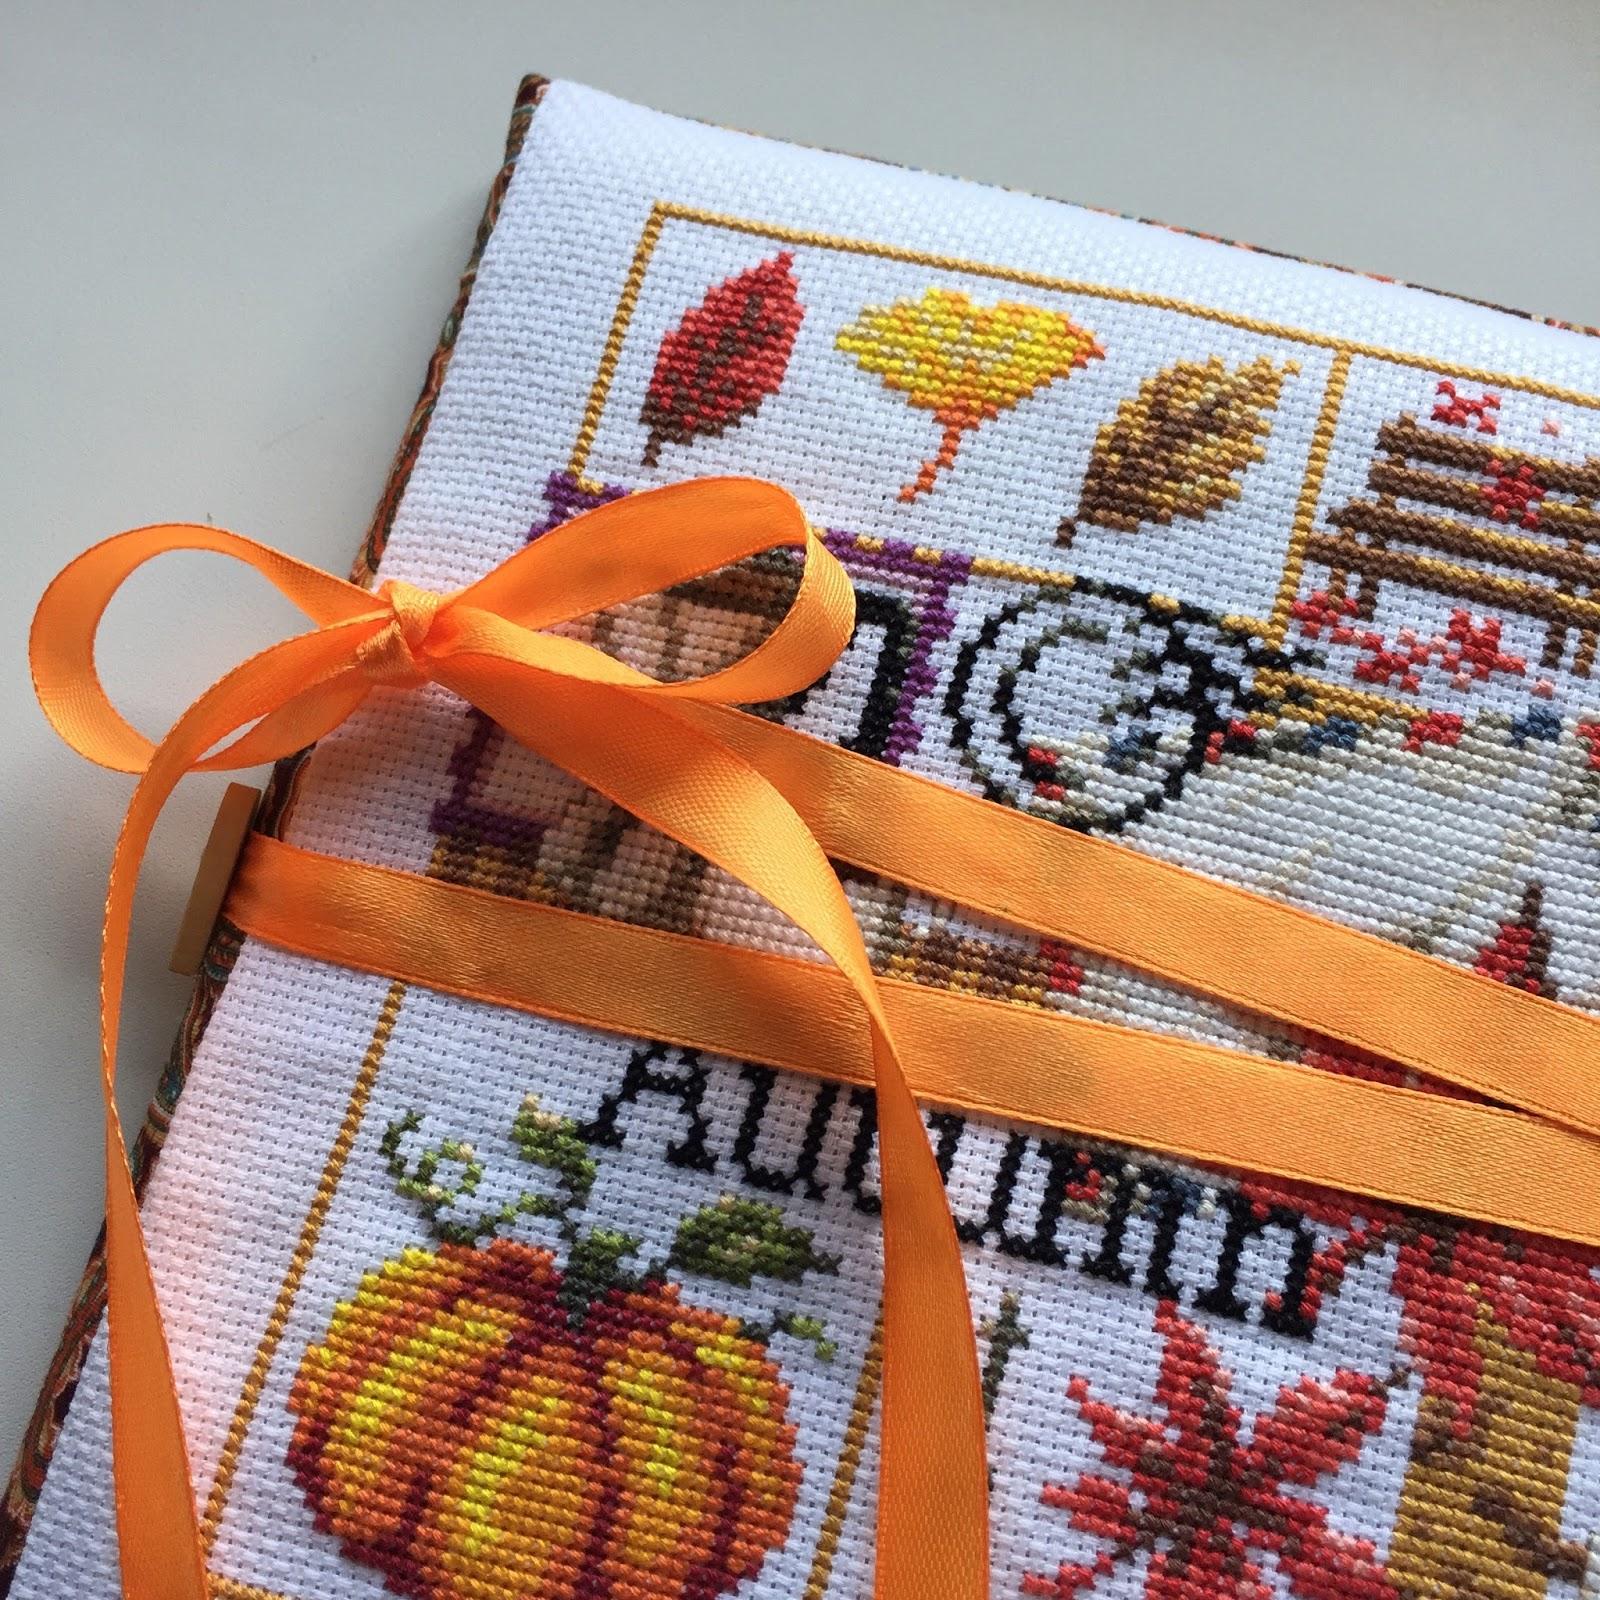 Вышивка как подарок - стоит ли дарить? Блог вышивальщицы 30